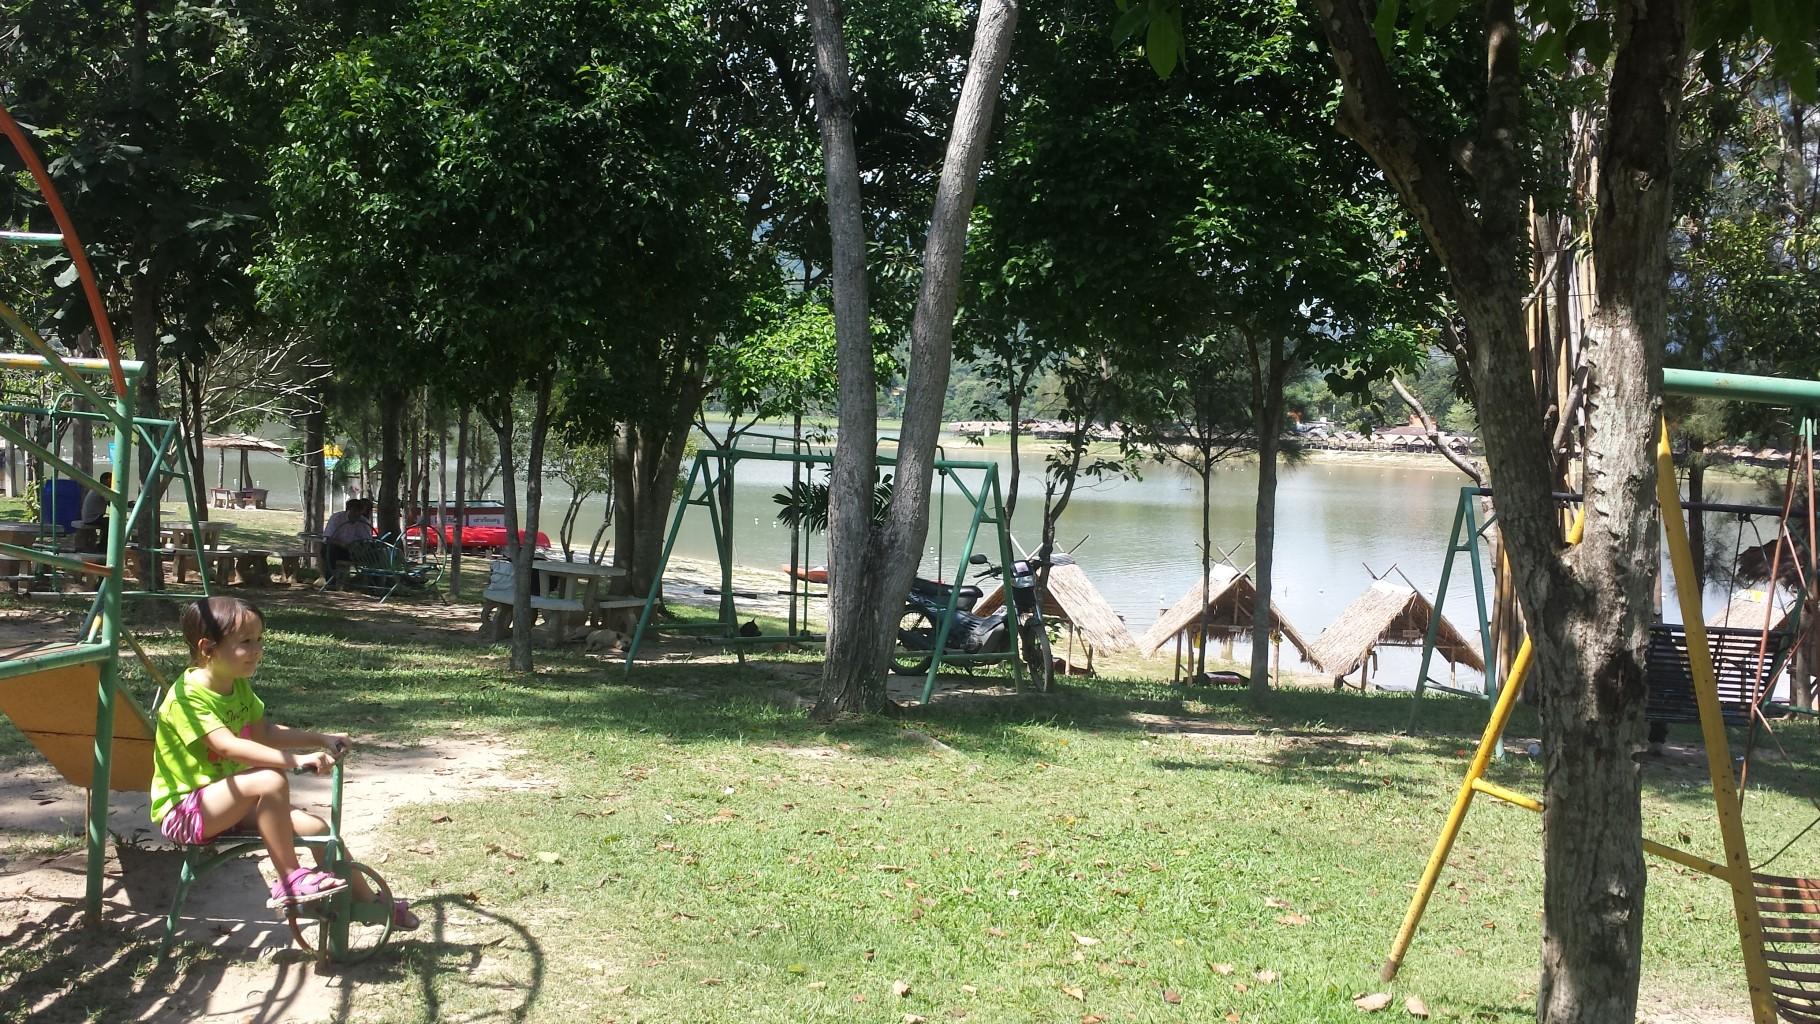 Playground at Huay Tueng Thao Lake